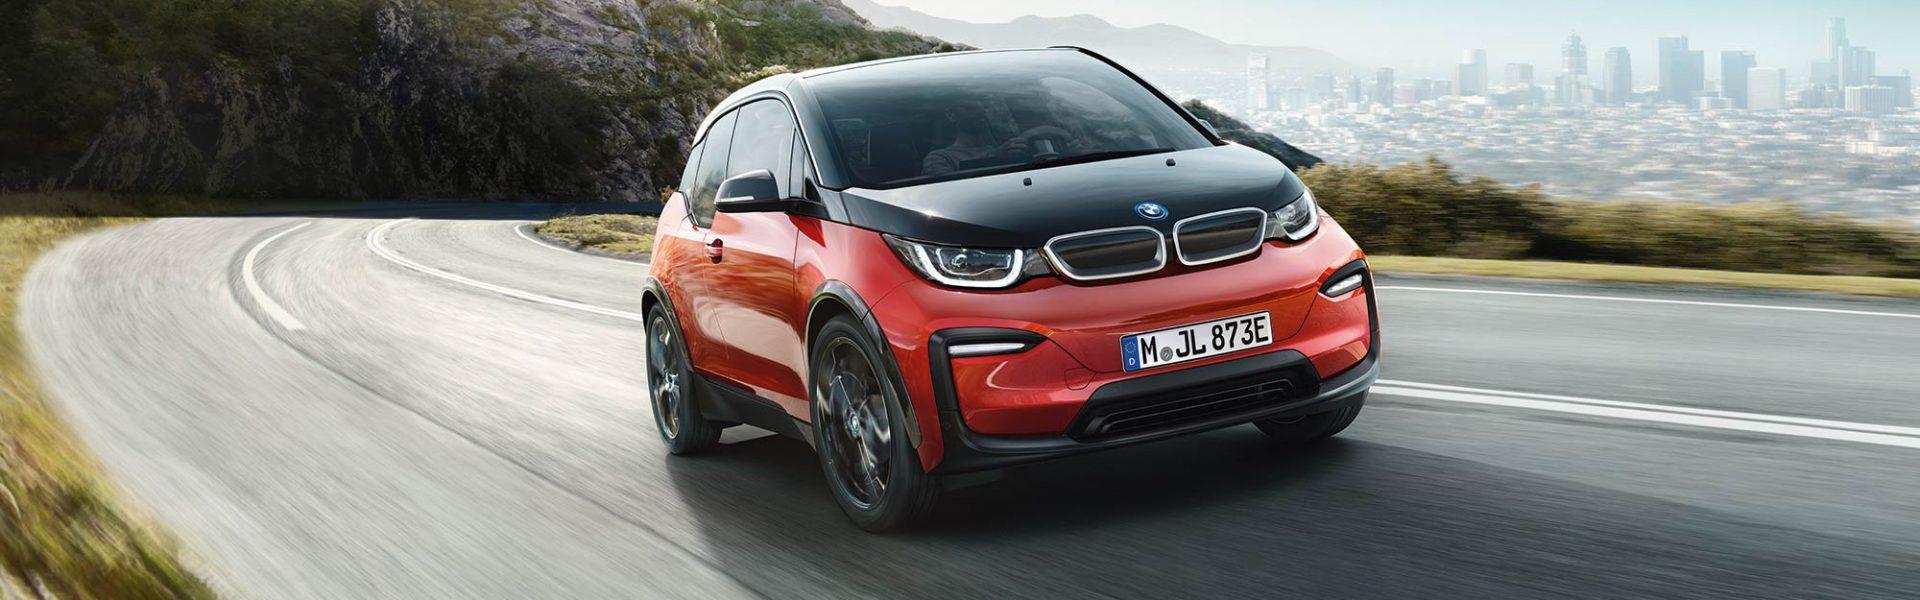 BMW_i3-7926-quer-TAC300_120